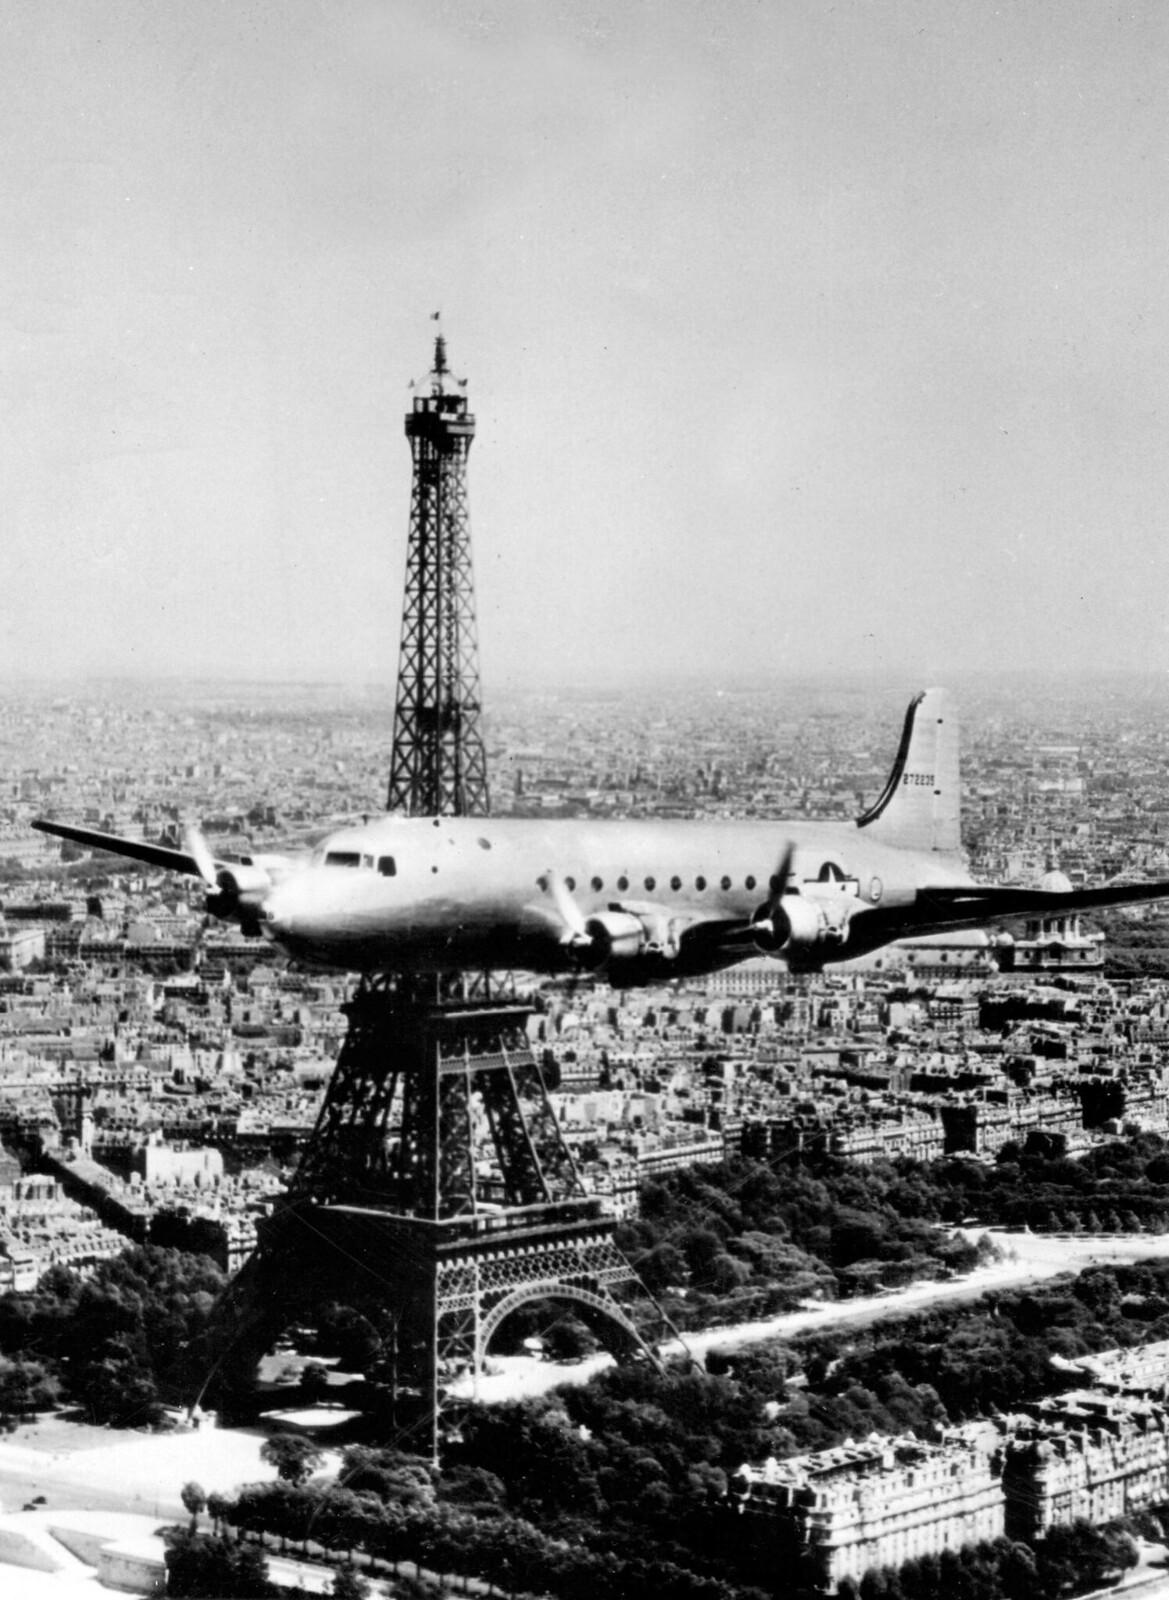 1945. Серебристый самолет C-54 Skymaster ВВС США пролетает мимо Эйфелевой башни, июнь